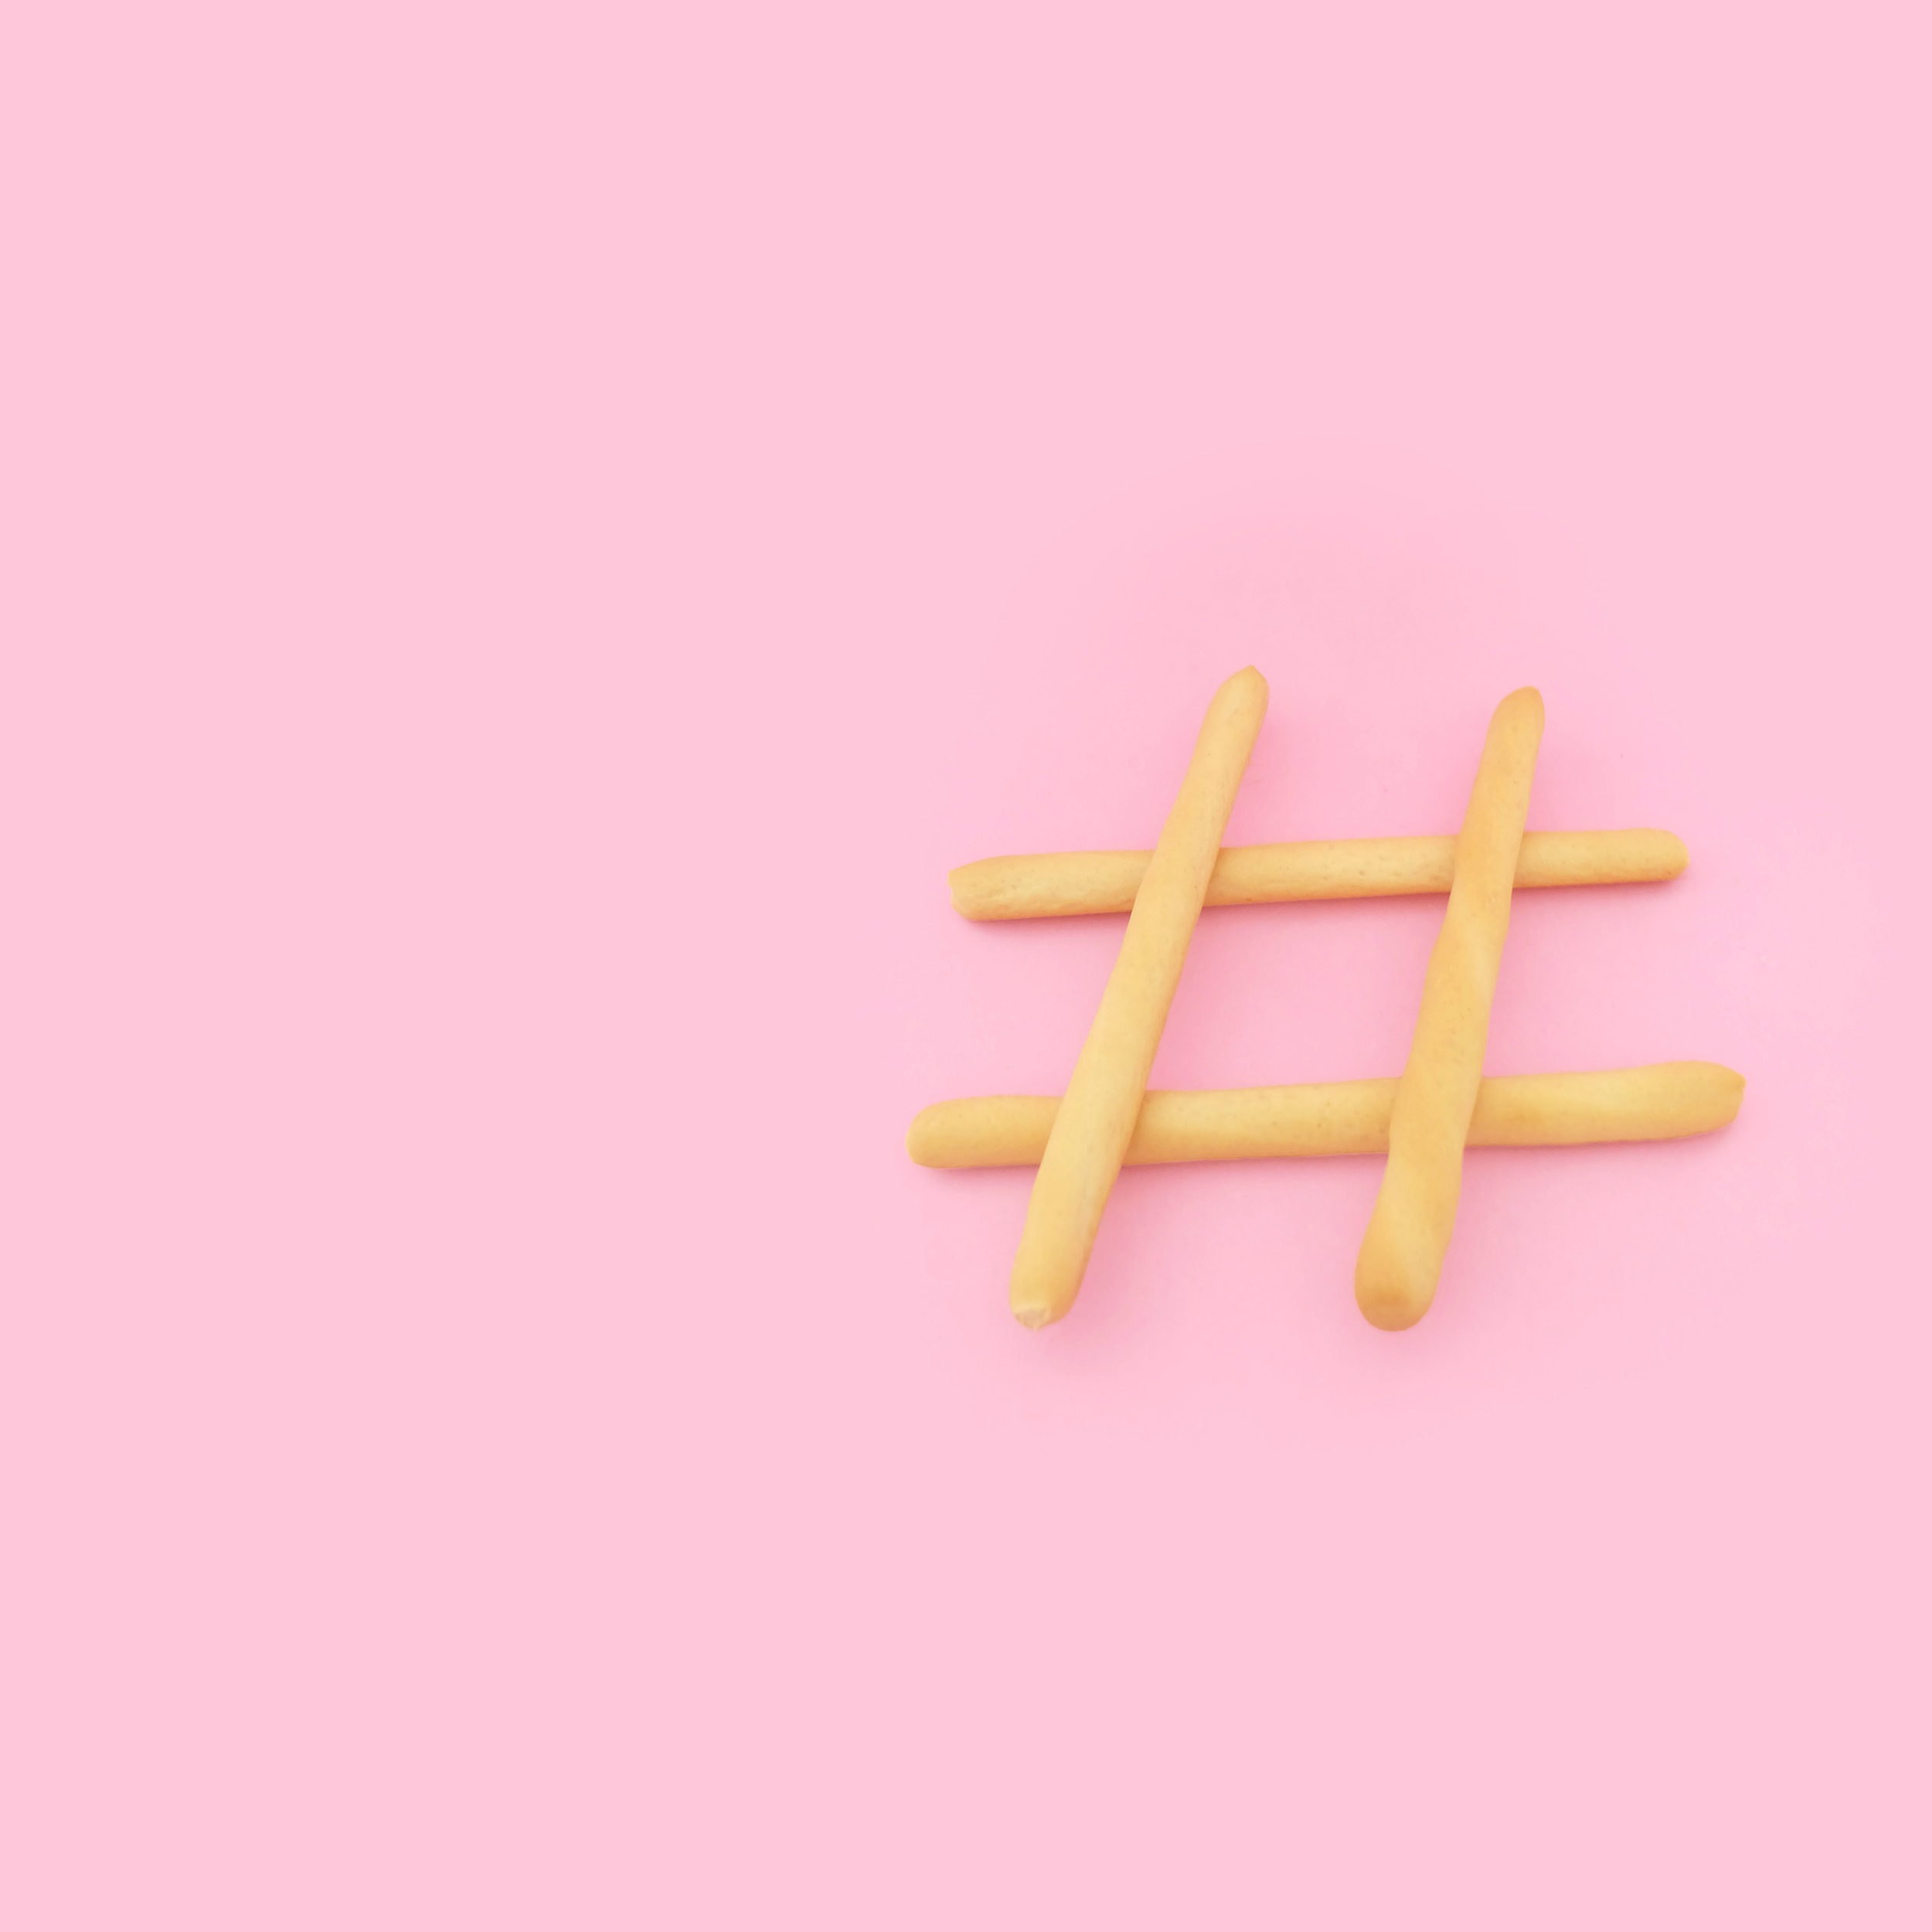 - ☑ Bildrelevante Hashtags (damit das Bild von genau den Leuten gefunden wird, die nach Ihrem Thema suchen)☑ Erfinden Sie spezifische Hashtags für Ihr Produkt – z.B. Produktnamen☑ Setzen Sie die Hashtags als ersten Kommentar, da dies schöner und seriöser wirkt☑ Benutzen Sie keine Spam-Hashtags, die zeigen, dass Sie nur hinter Likes her sind (wie #tagforlikes...)